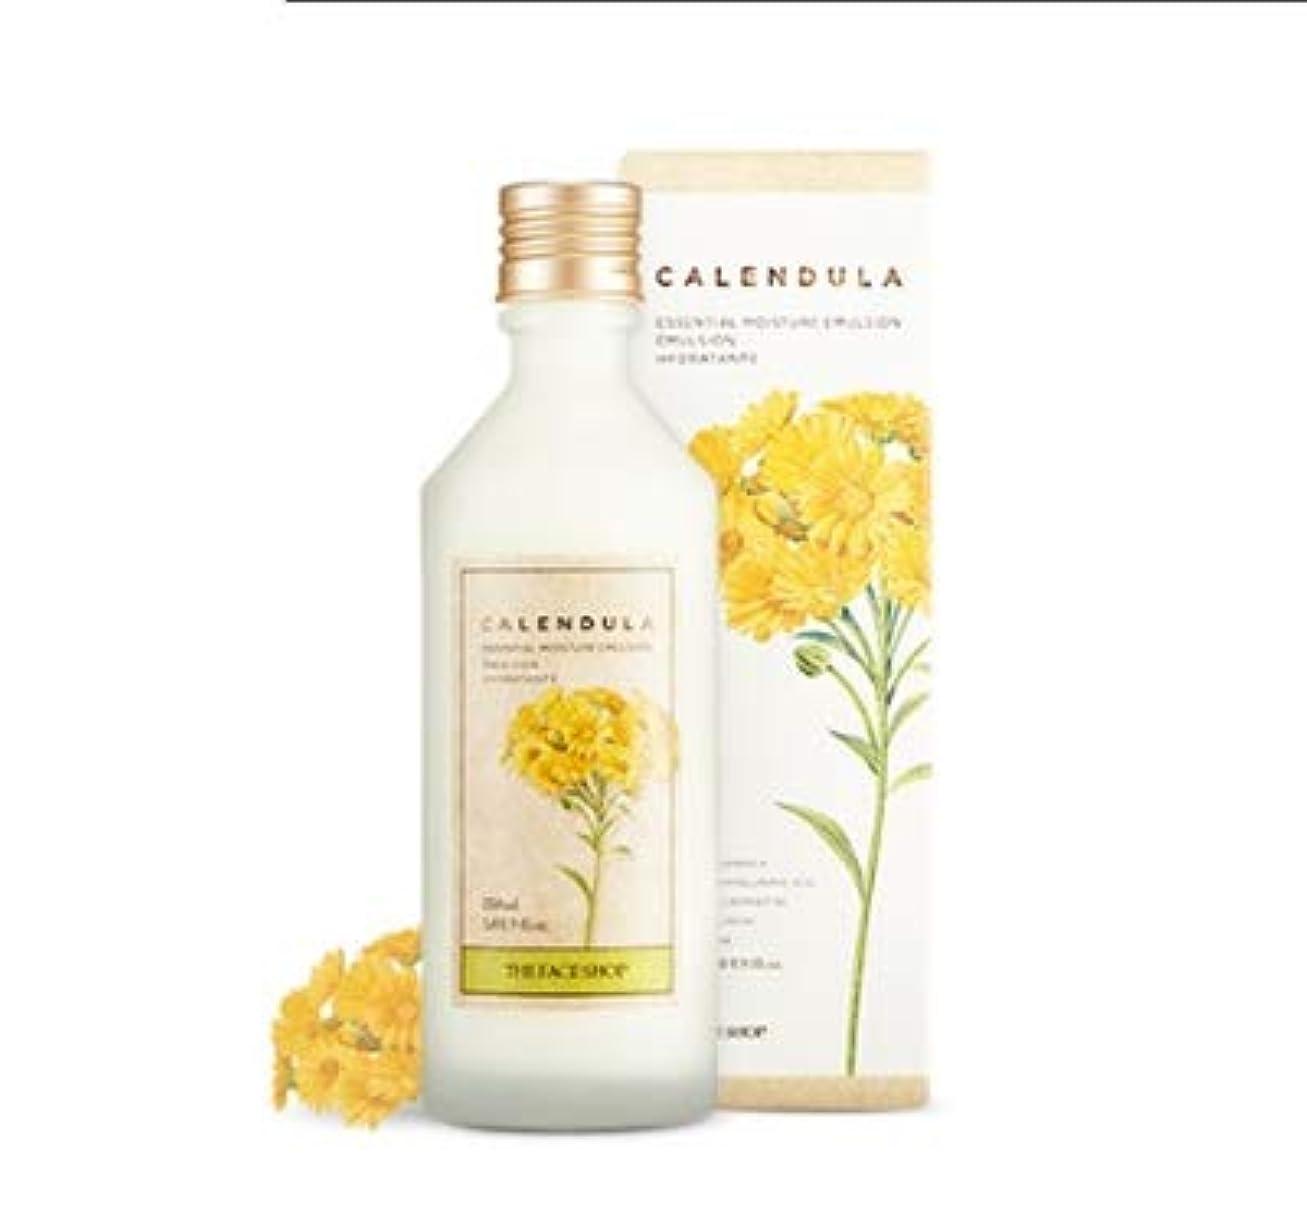 フィード学習者プロポーショナルTHE FACE SHOP Calendula Essential Moisture Emulsion ザ?フェイスショップカレンデュルラエッセンシャルモイスチャーエマルジョン [並行輸入品]